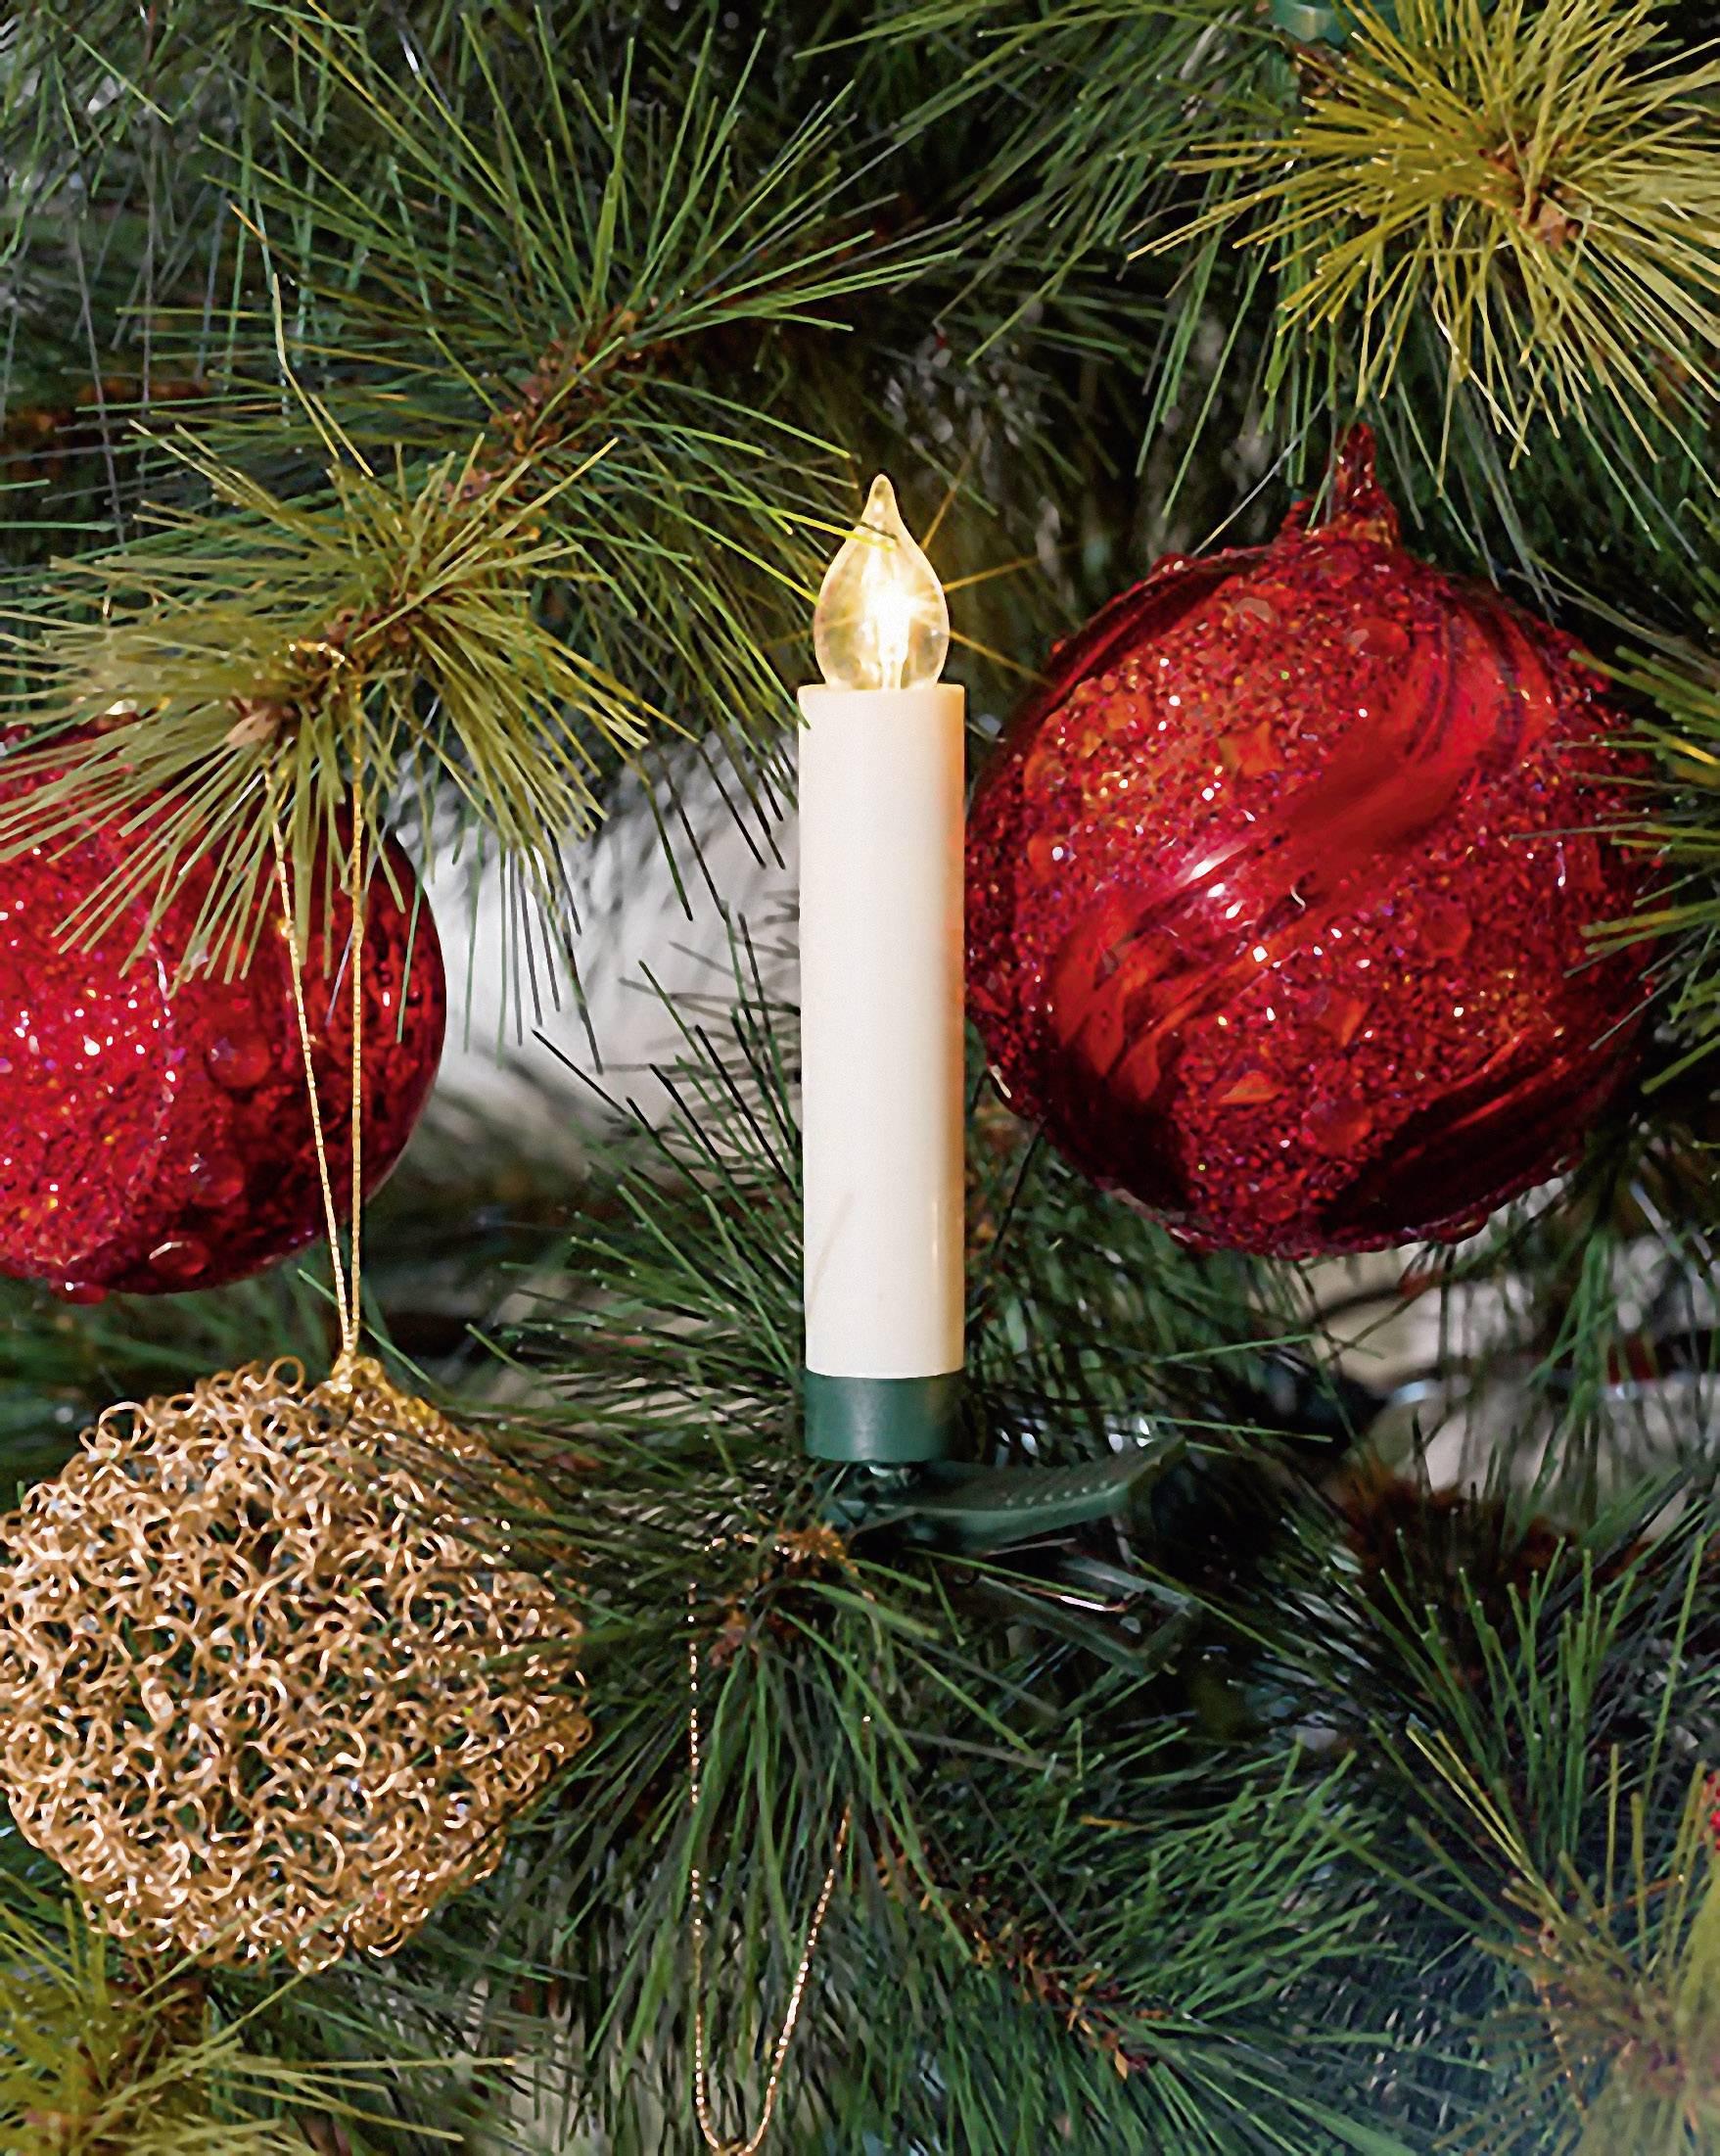 Konstsmide 1905 100 Illuminazione Albero Di Natale Senza Fili